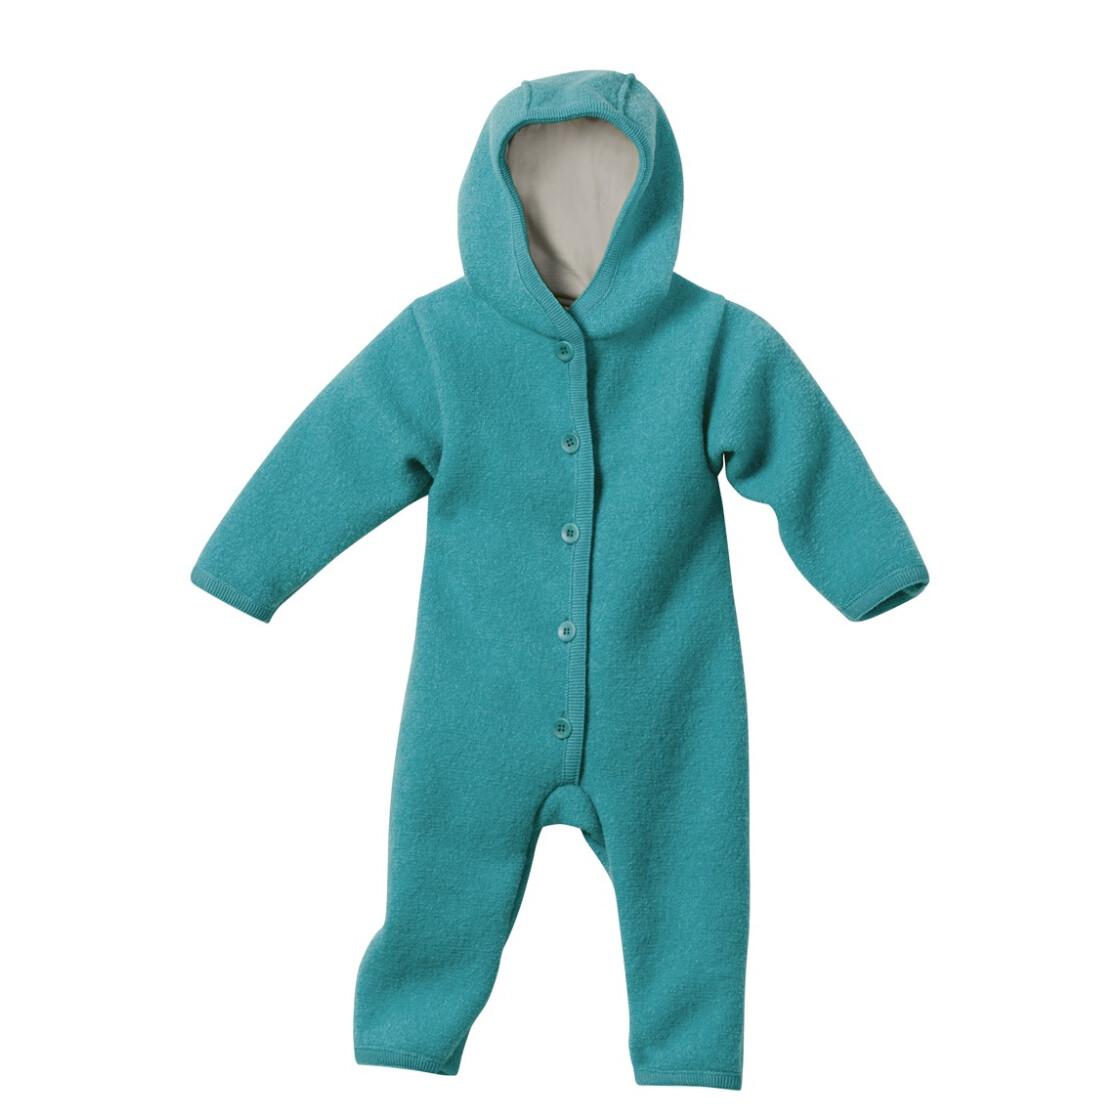 98//104 Gr Disana Baby und Kinder Wollwindelhose aus Reiner Bio-Merinowolle Blau